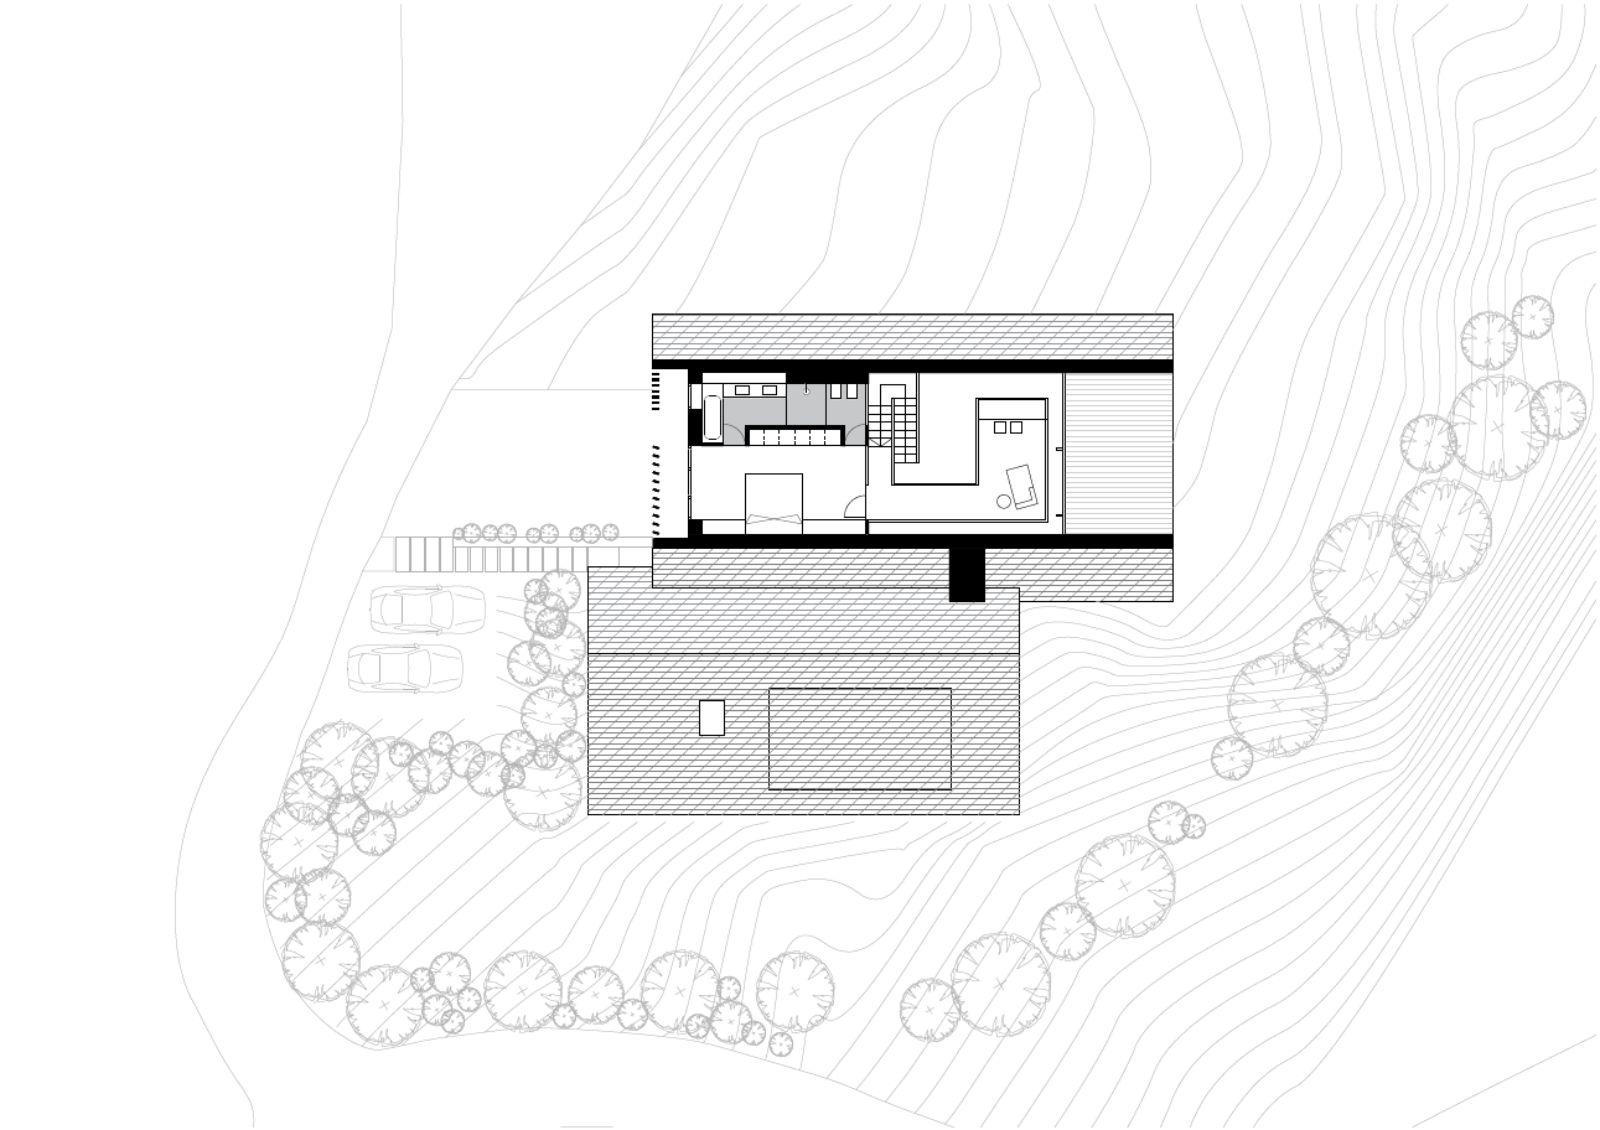 Z-House-by-GEZA-21 – aasarchitecture on floating dock plans, vardo camper plans, new house design plans, biltmore estate elevation plans,